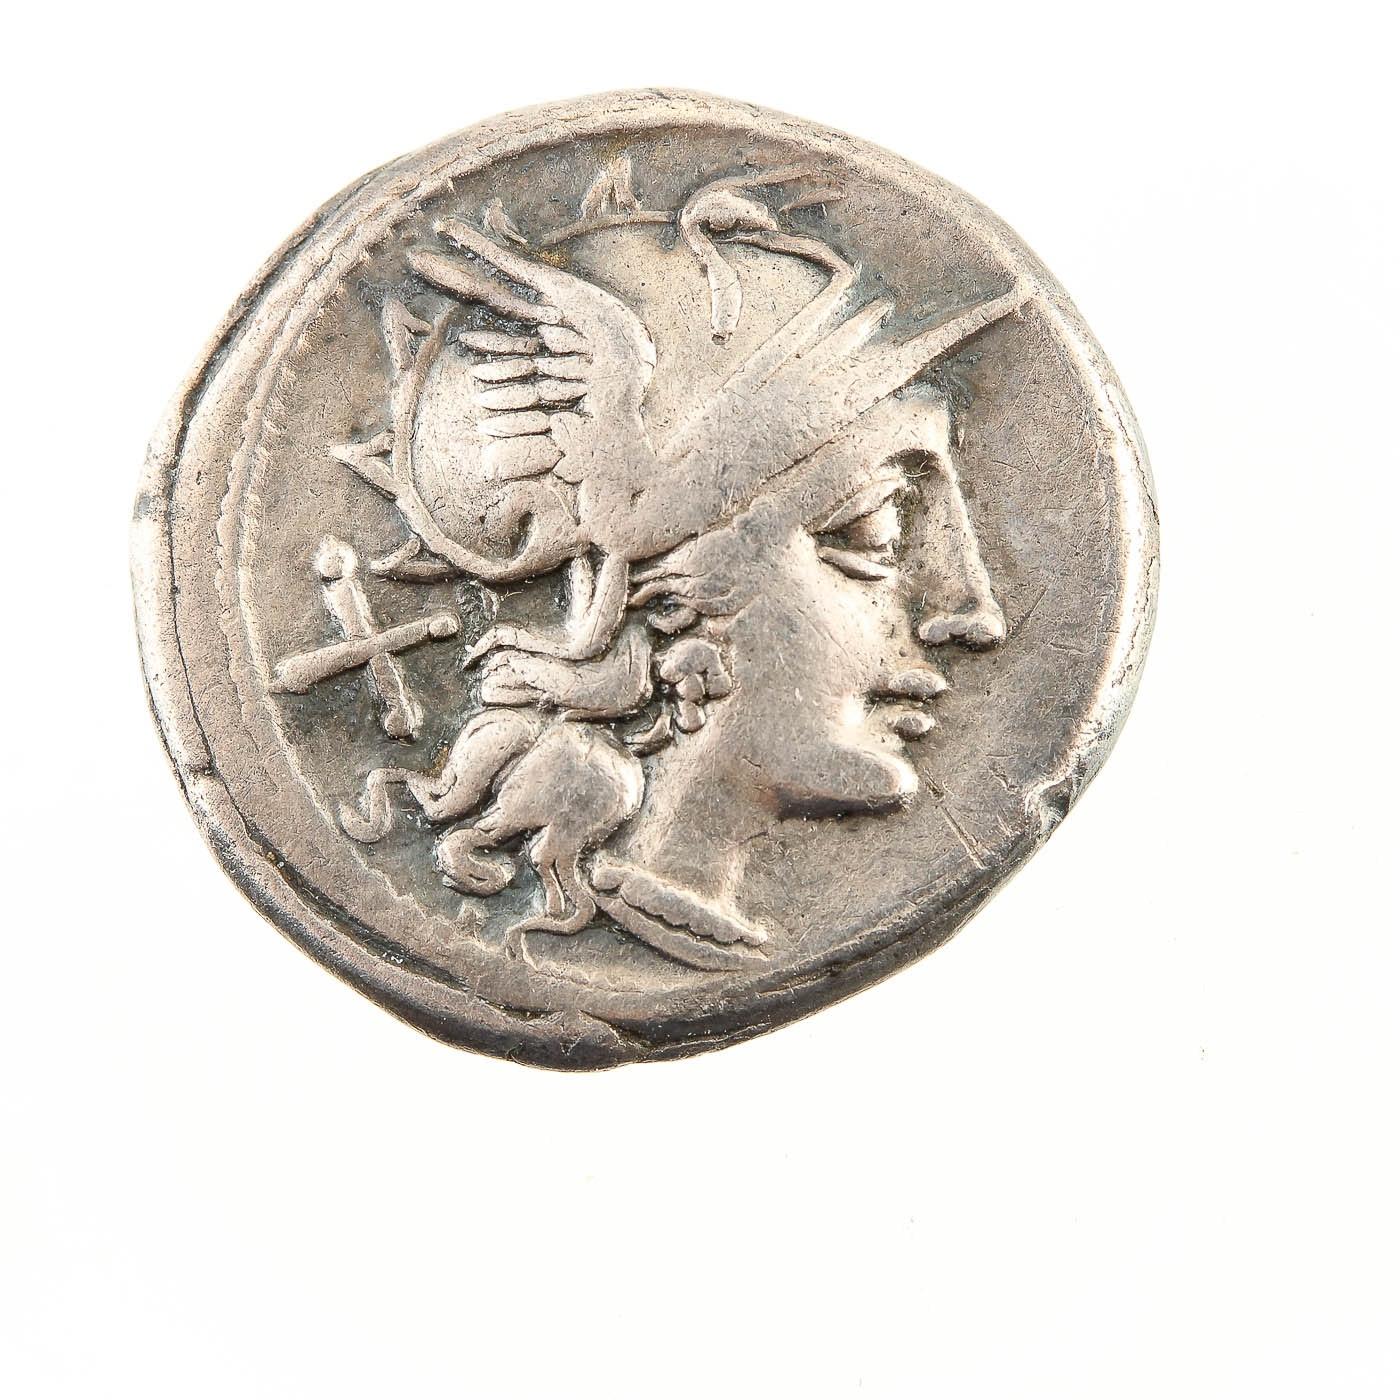 Ancient Roman Silver Denarius Coin Circa 150 B.C.